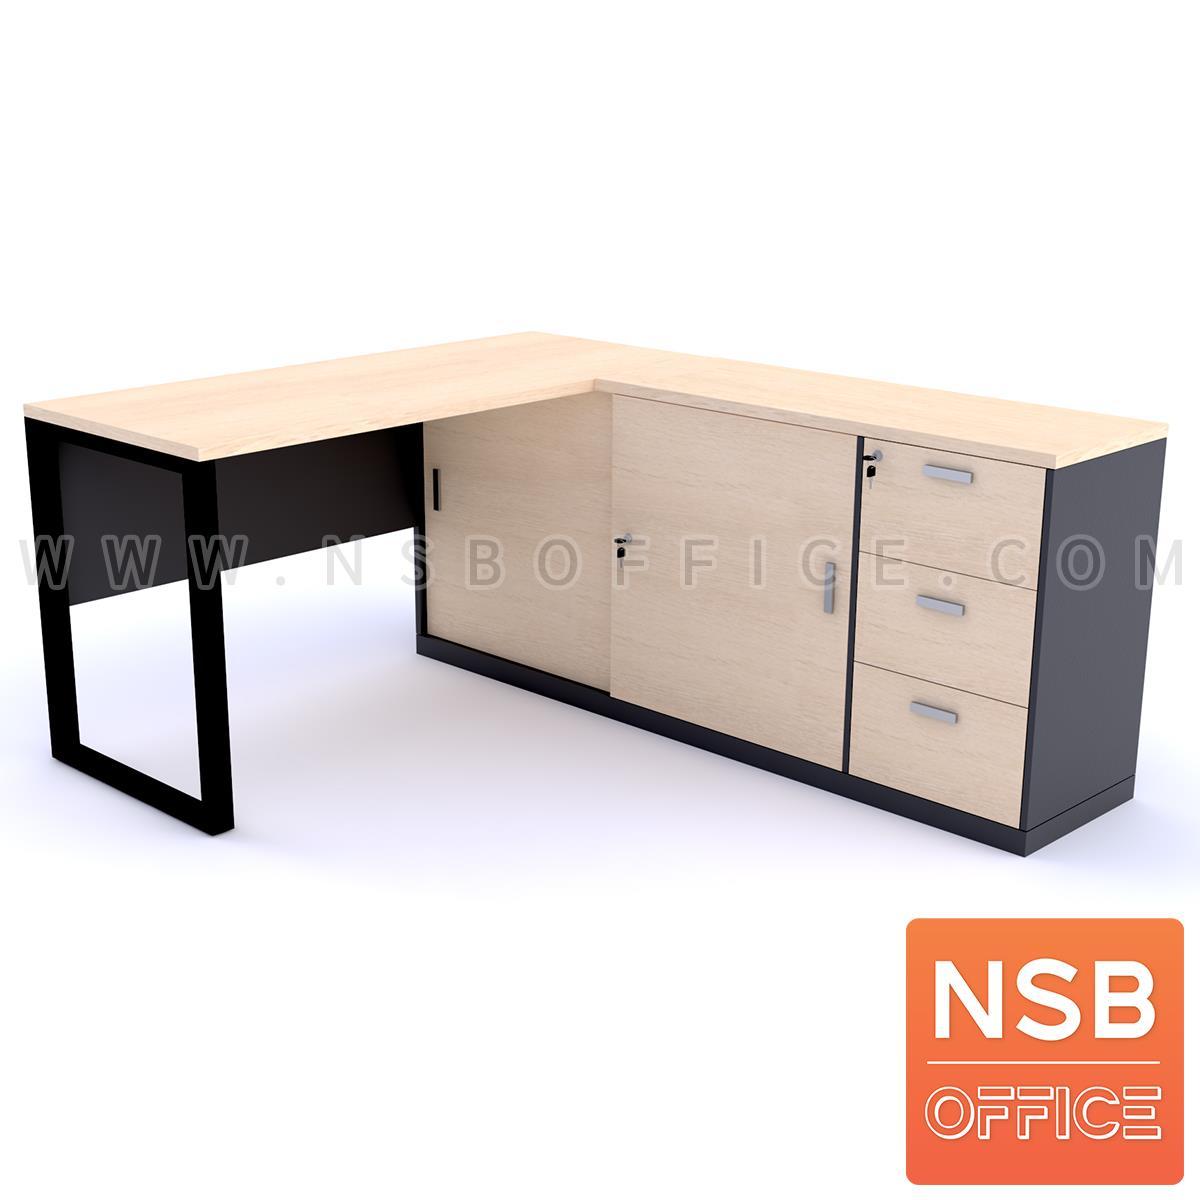 A18A049:โต๊ะทำงานตัวแอล รุ่น Pixies (พิกซี่ส์) ขนาด 140W1*170W2 cm. พร้อมตู้ข้าง